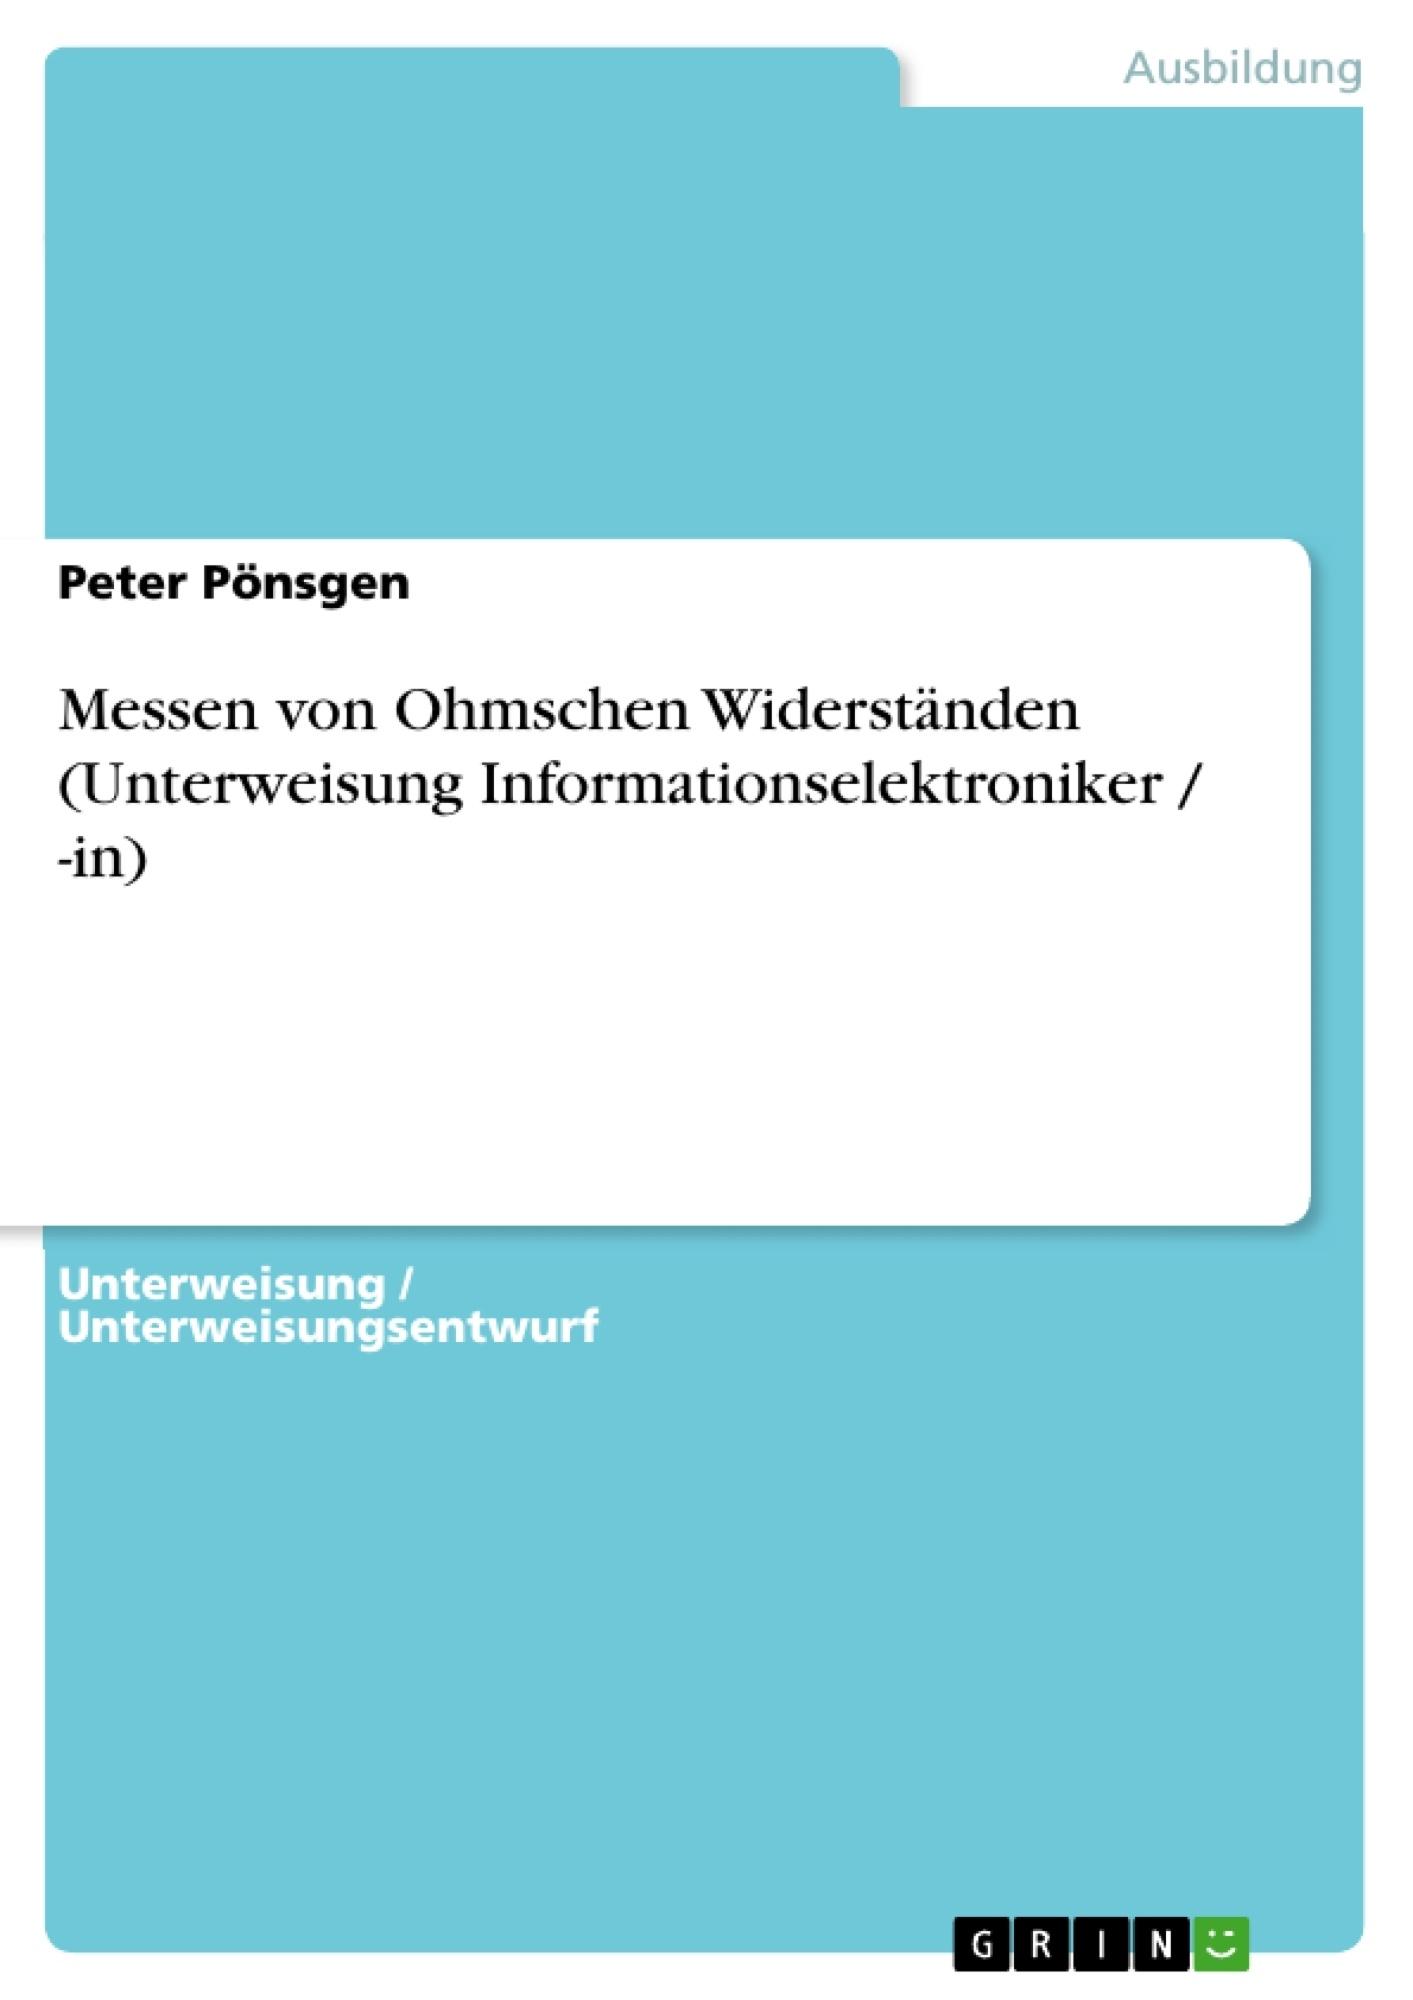 Titel: Messen von Ohmschen Widerständen (Unterweisung Informationselektroniker / -in)